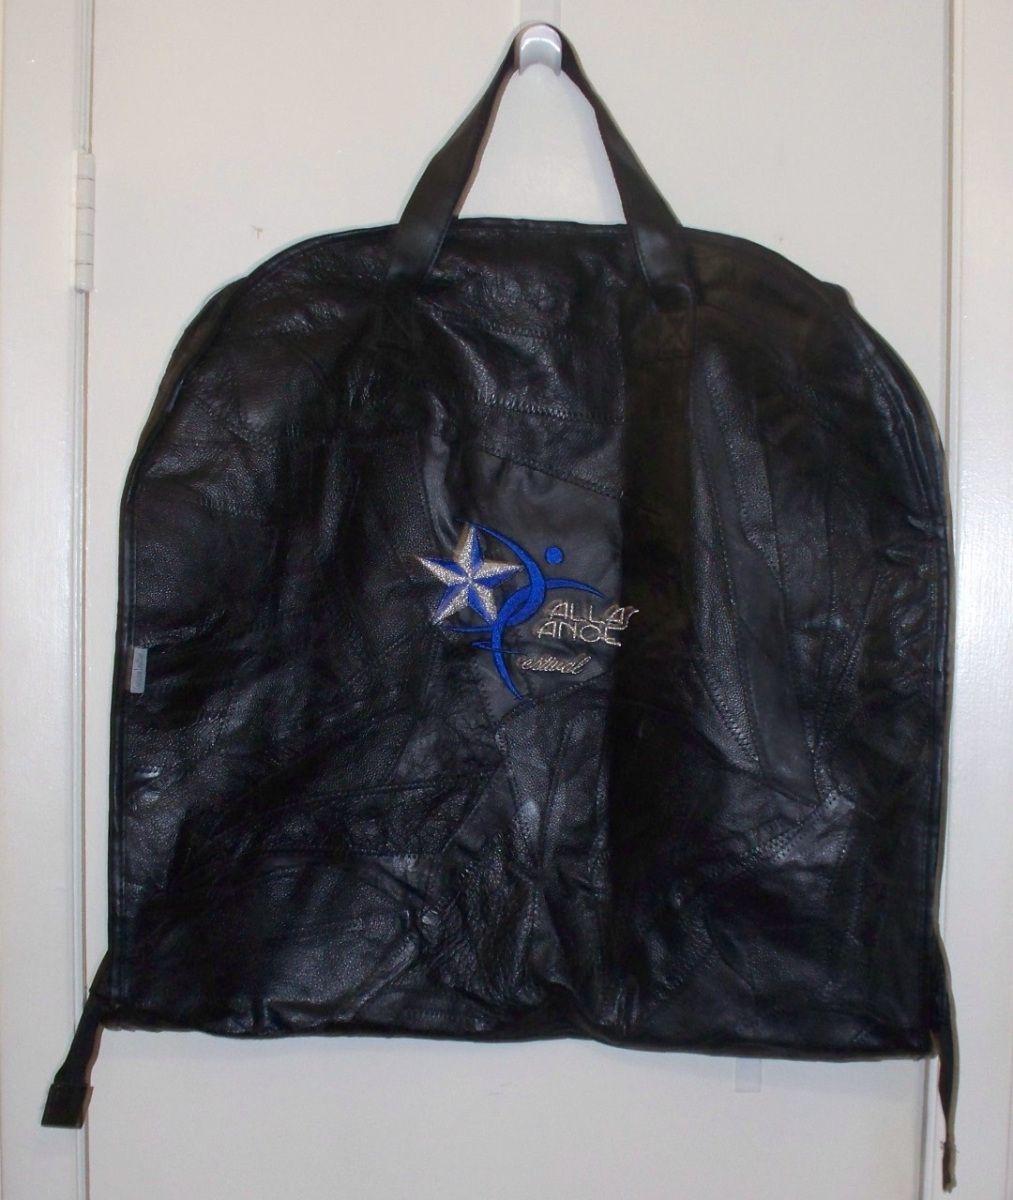 Dance Swag For Sale Dallas Dance Festival Leather Garment Bag Leather Garment Bag Bags Leather